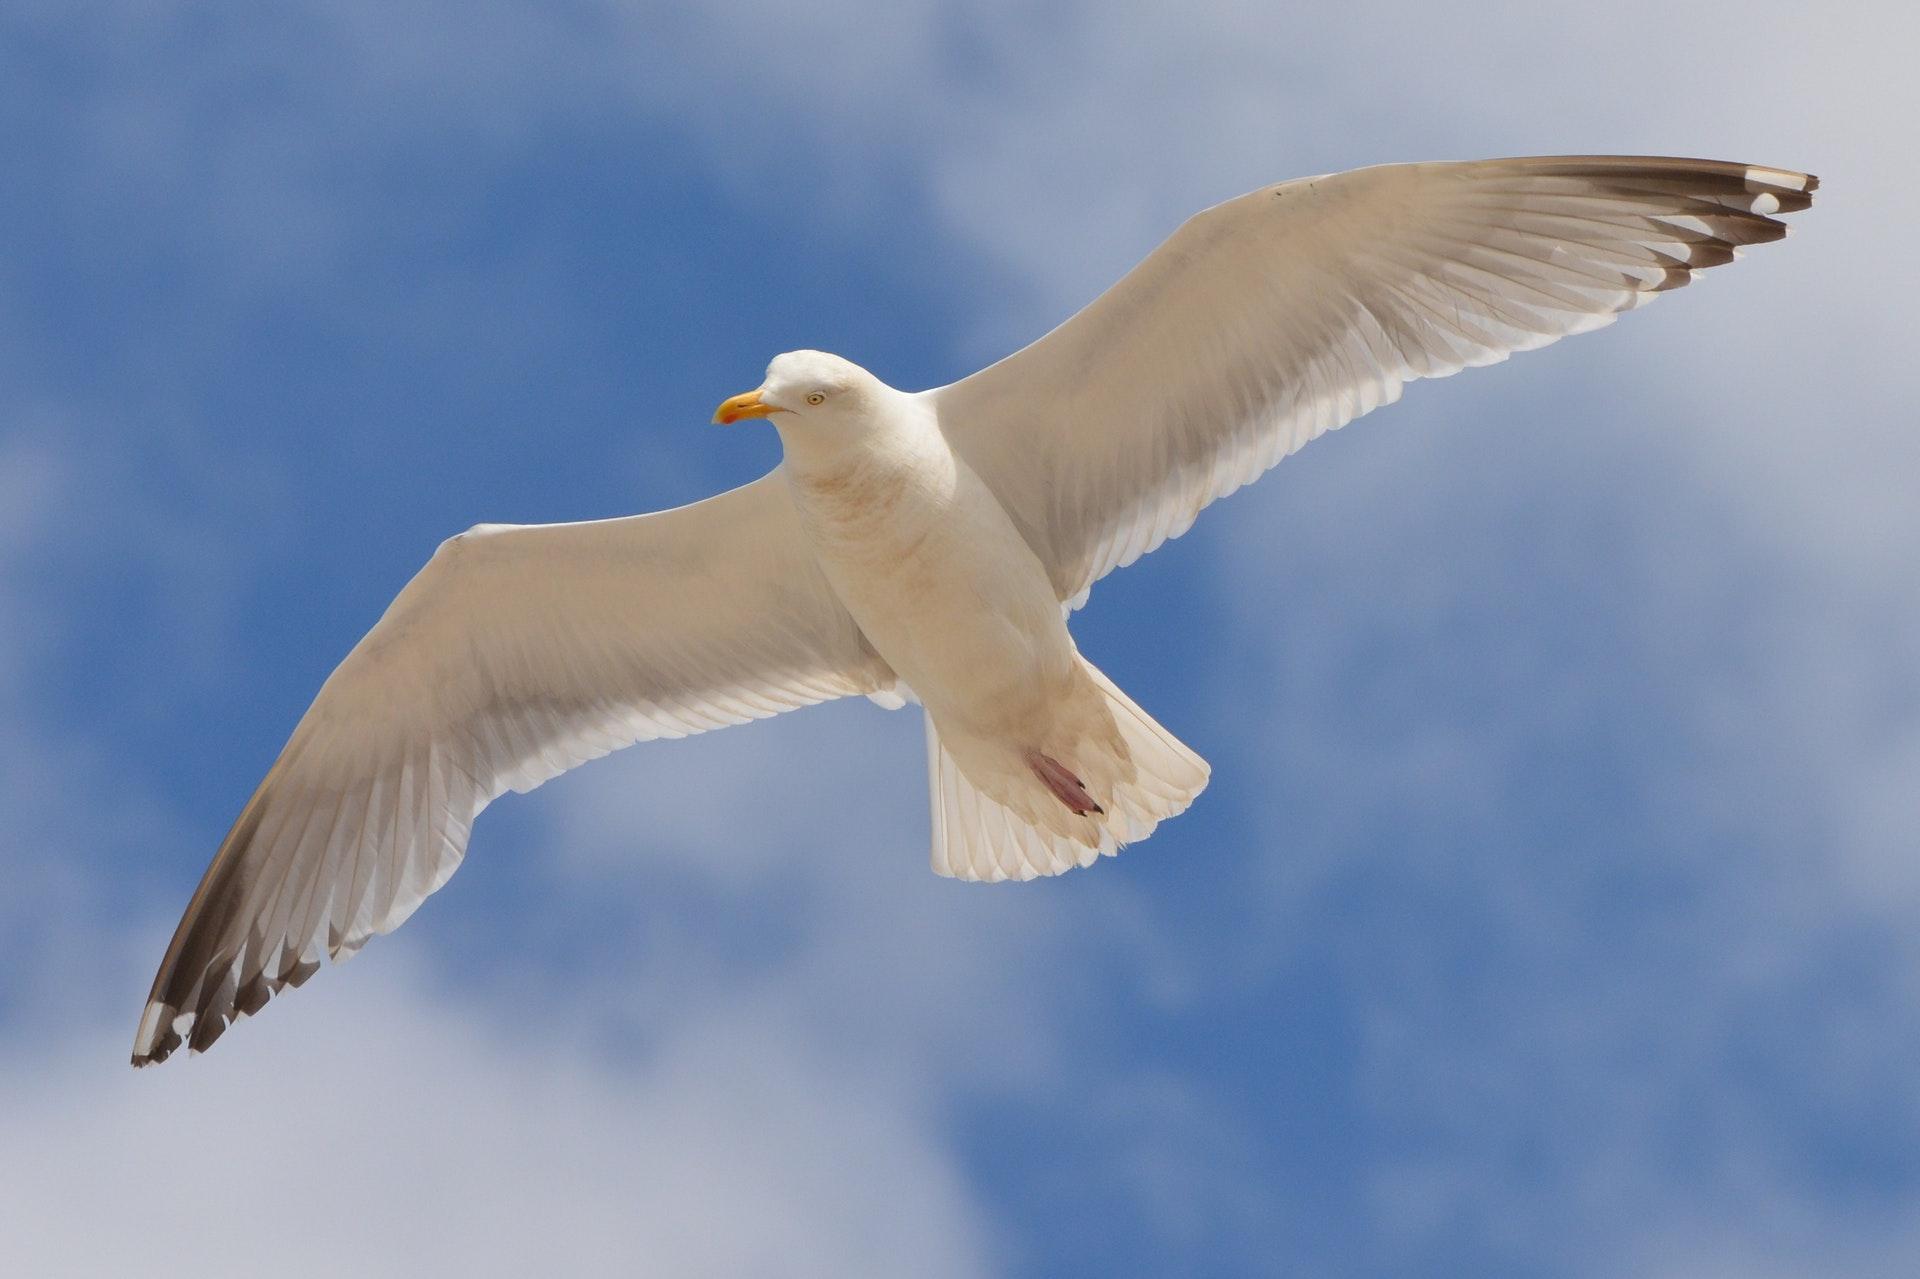 Sonhar com gaivota voando tem à ver com a intuição.